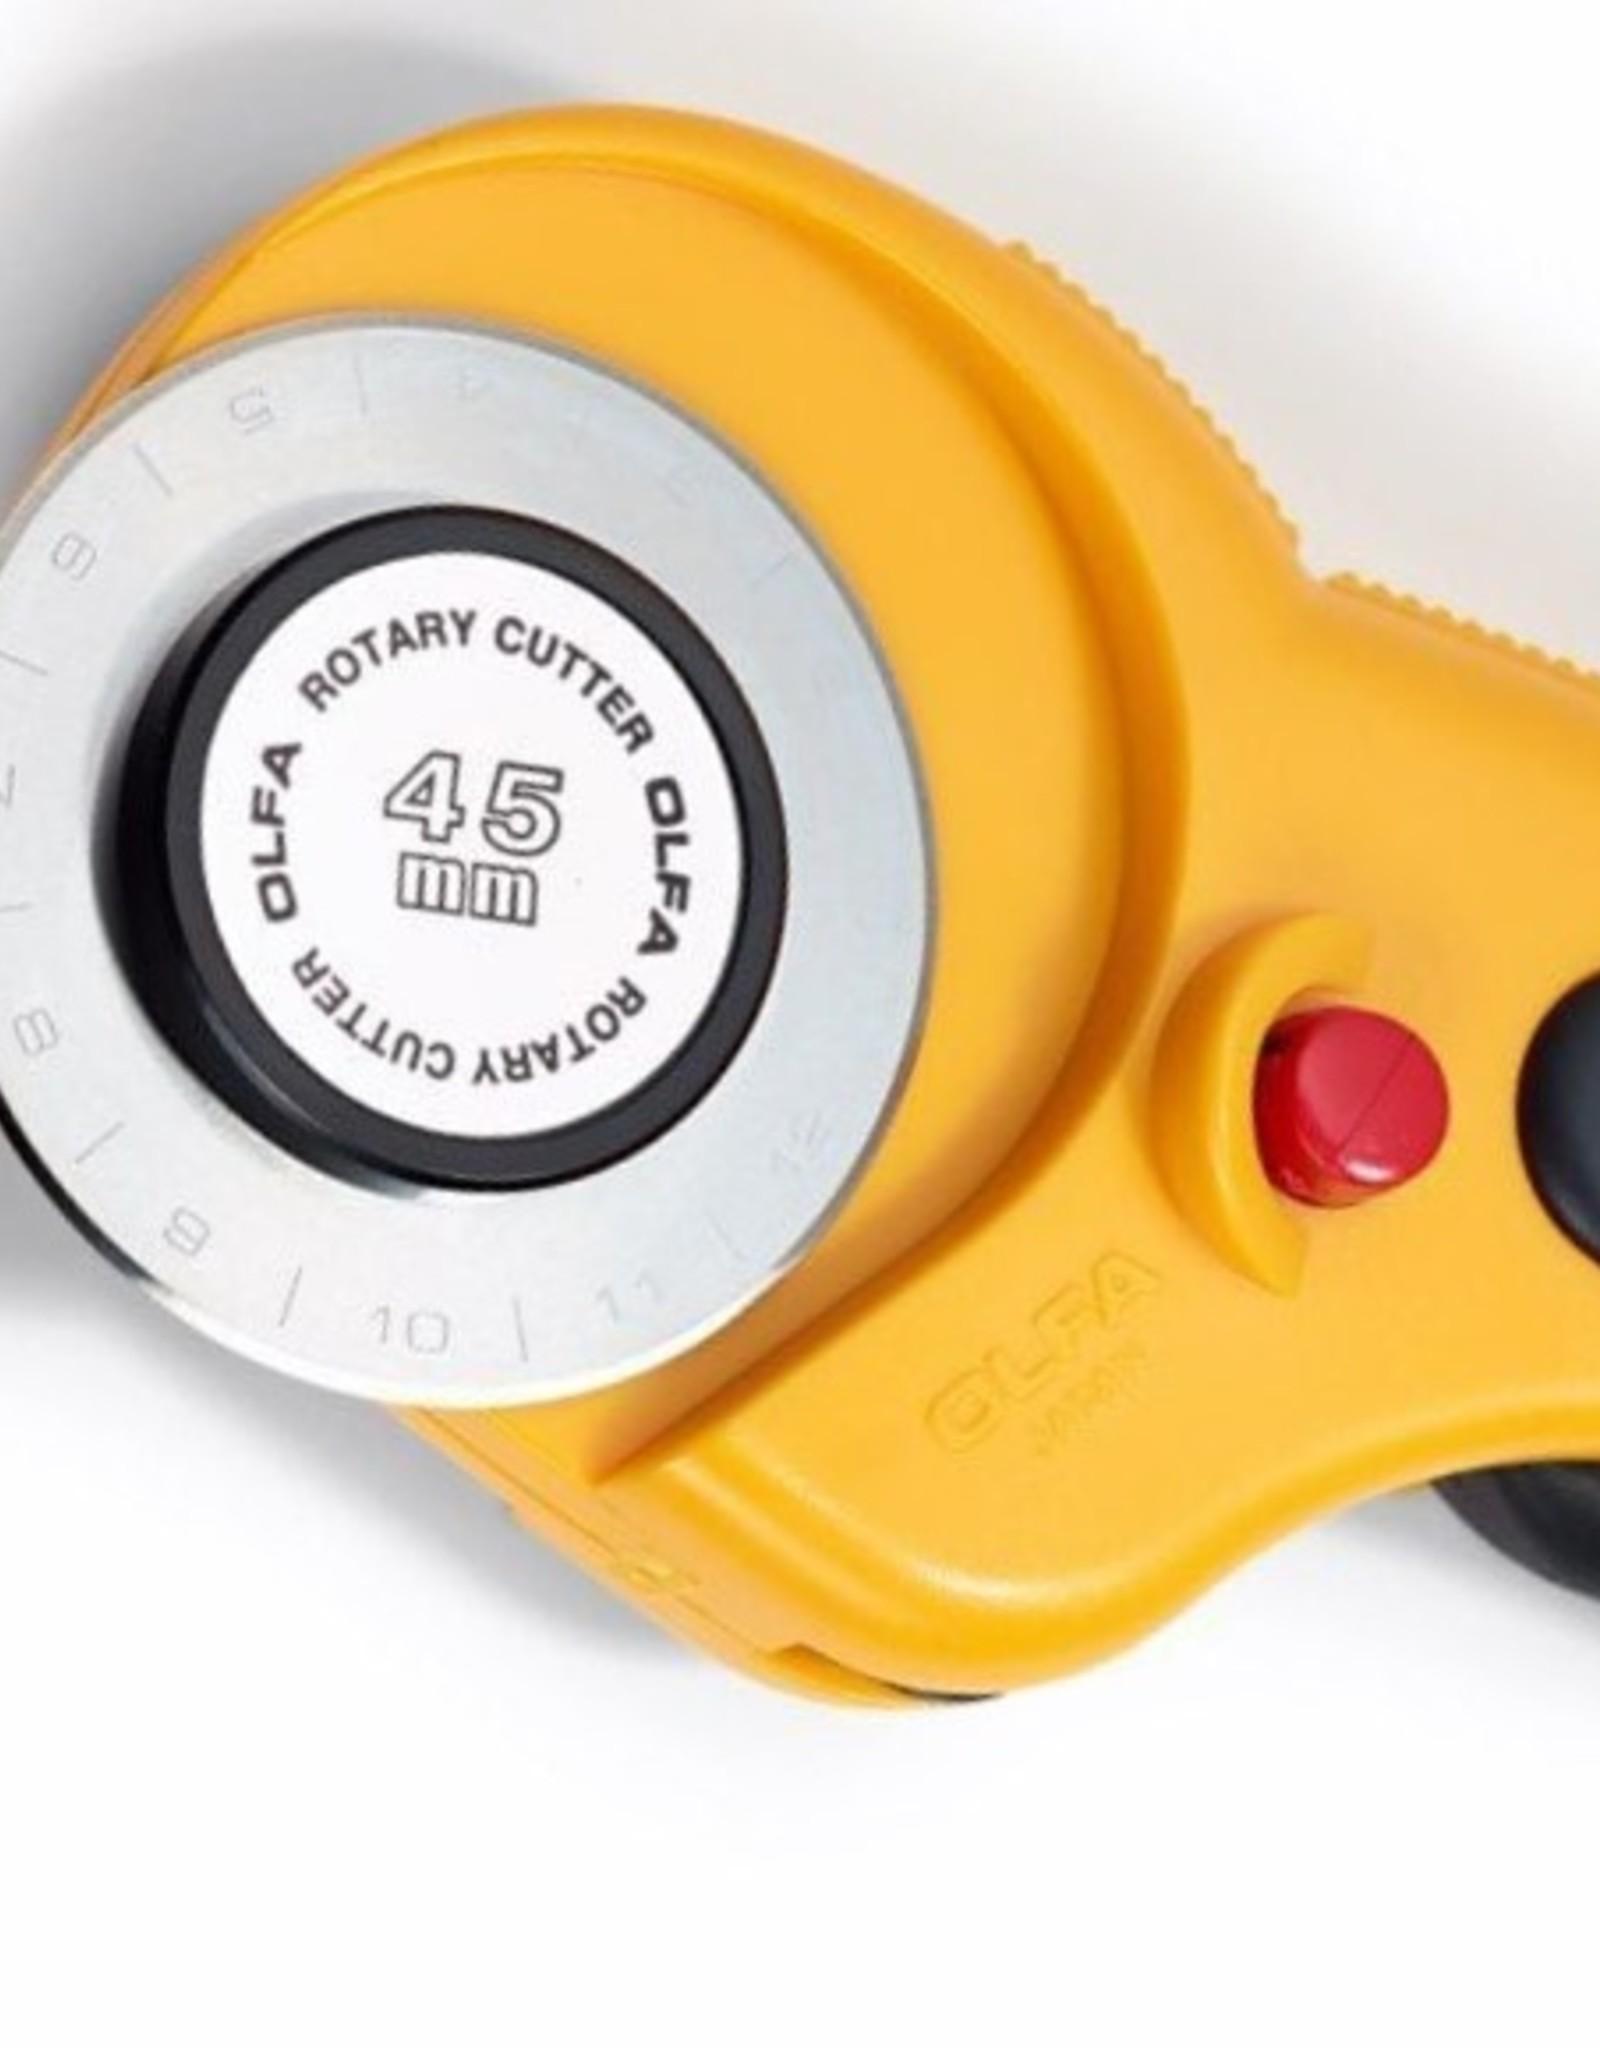 Prym Prym - ergonomisch rolmes comfort 45mm - 611 393